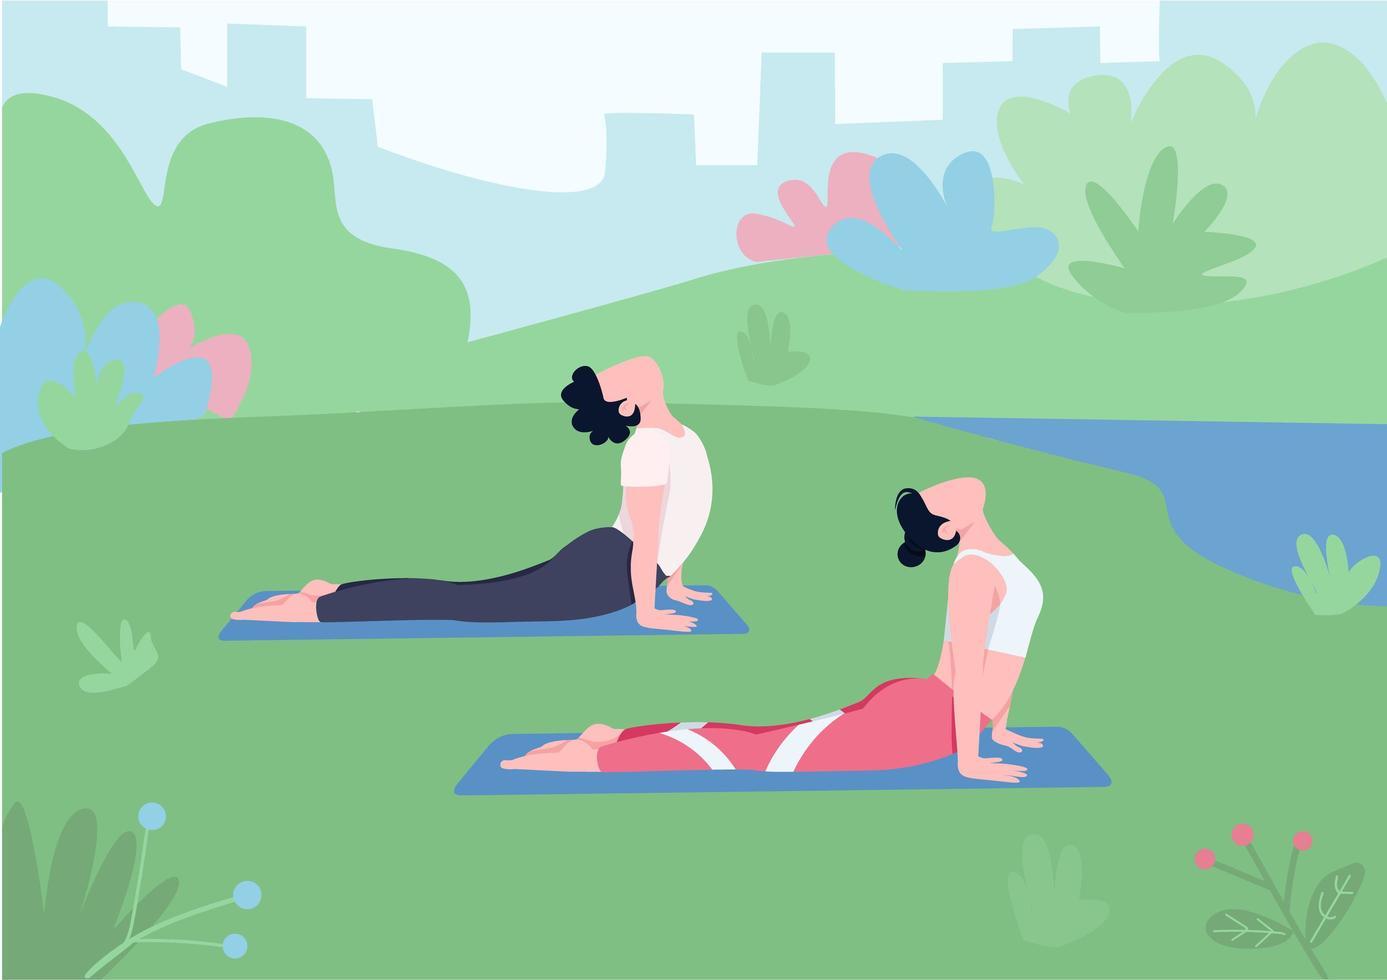 sessione di yoga all'aperto vettore